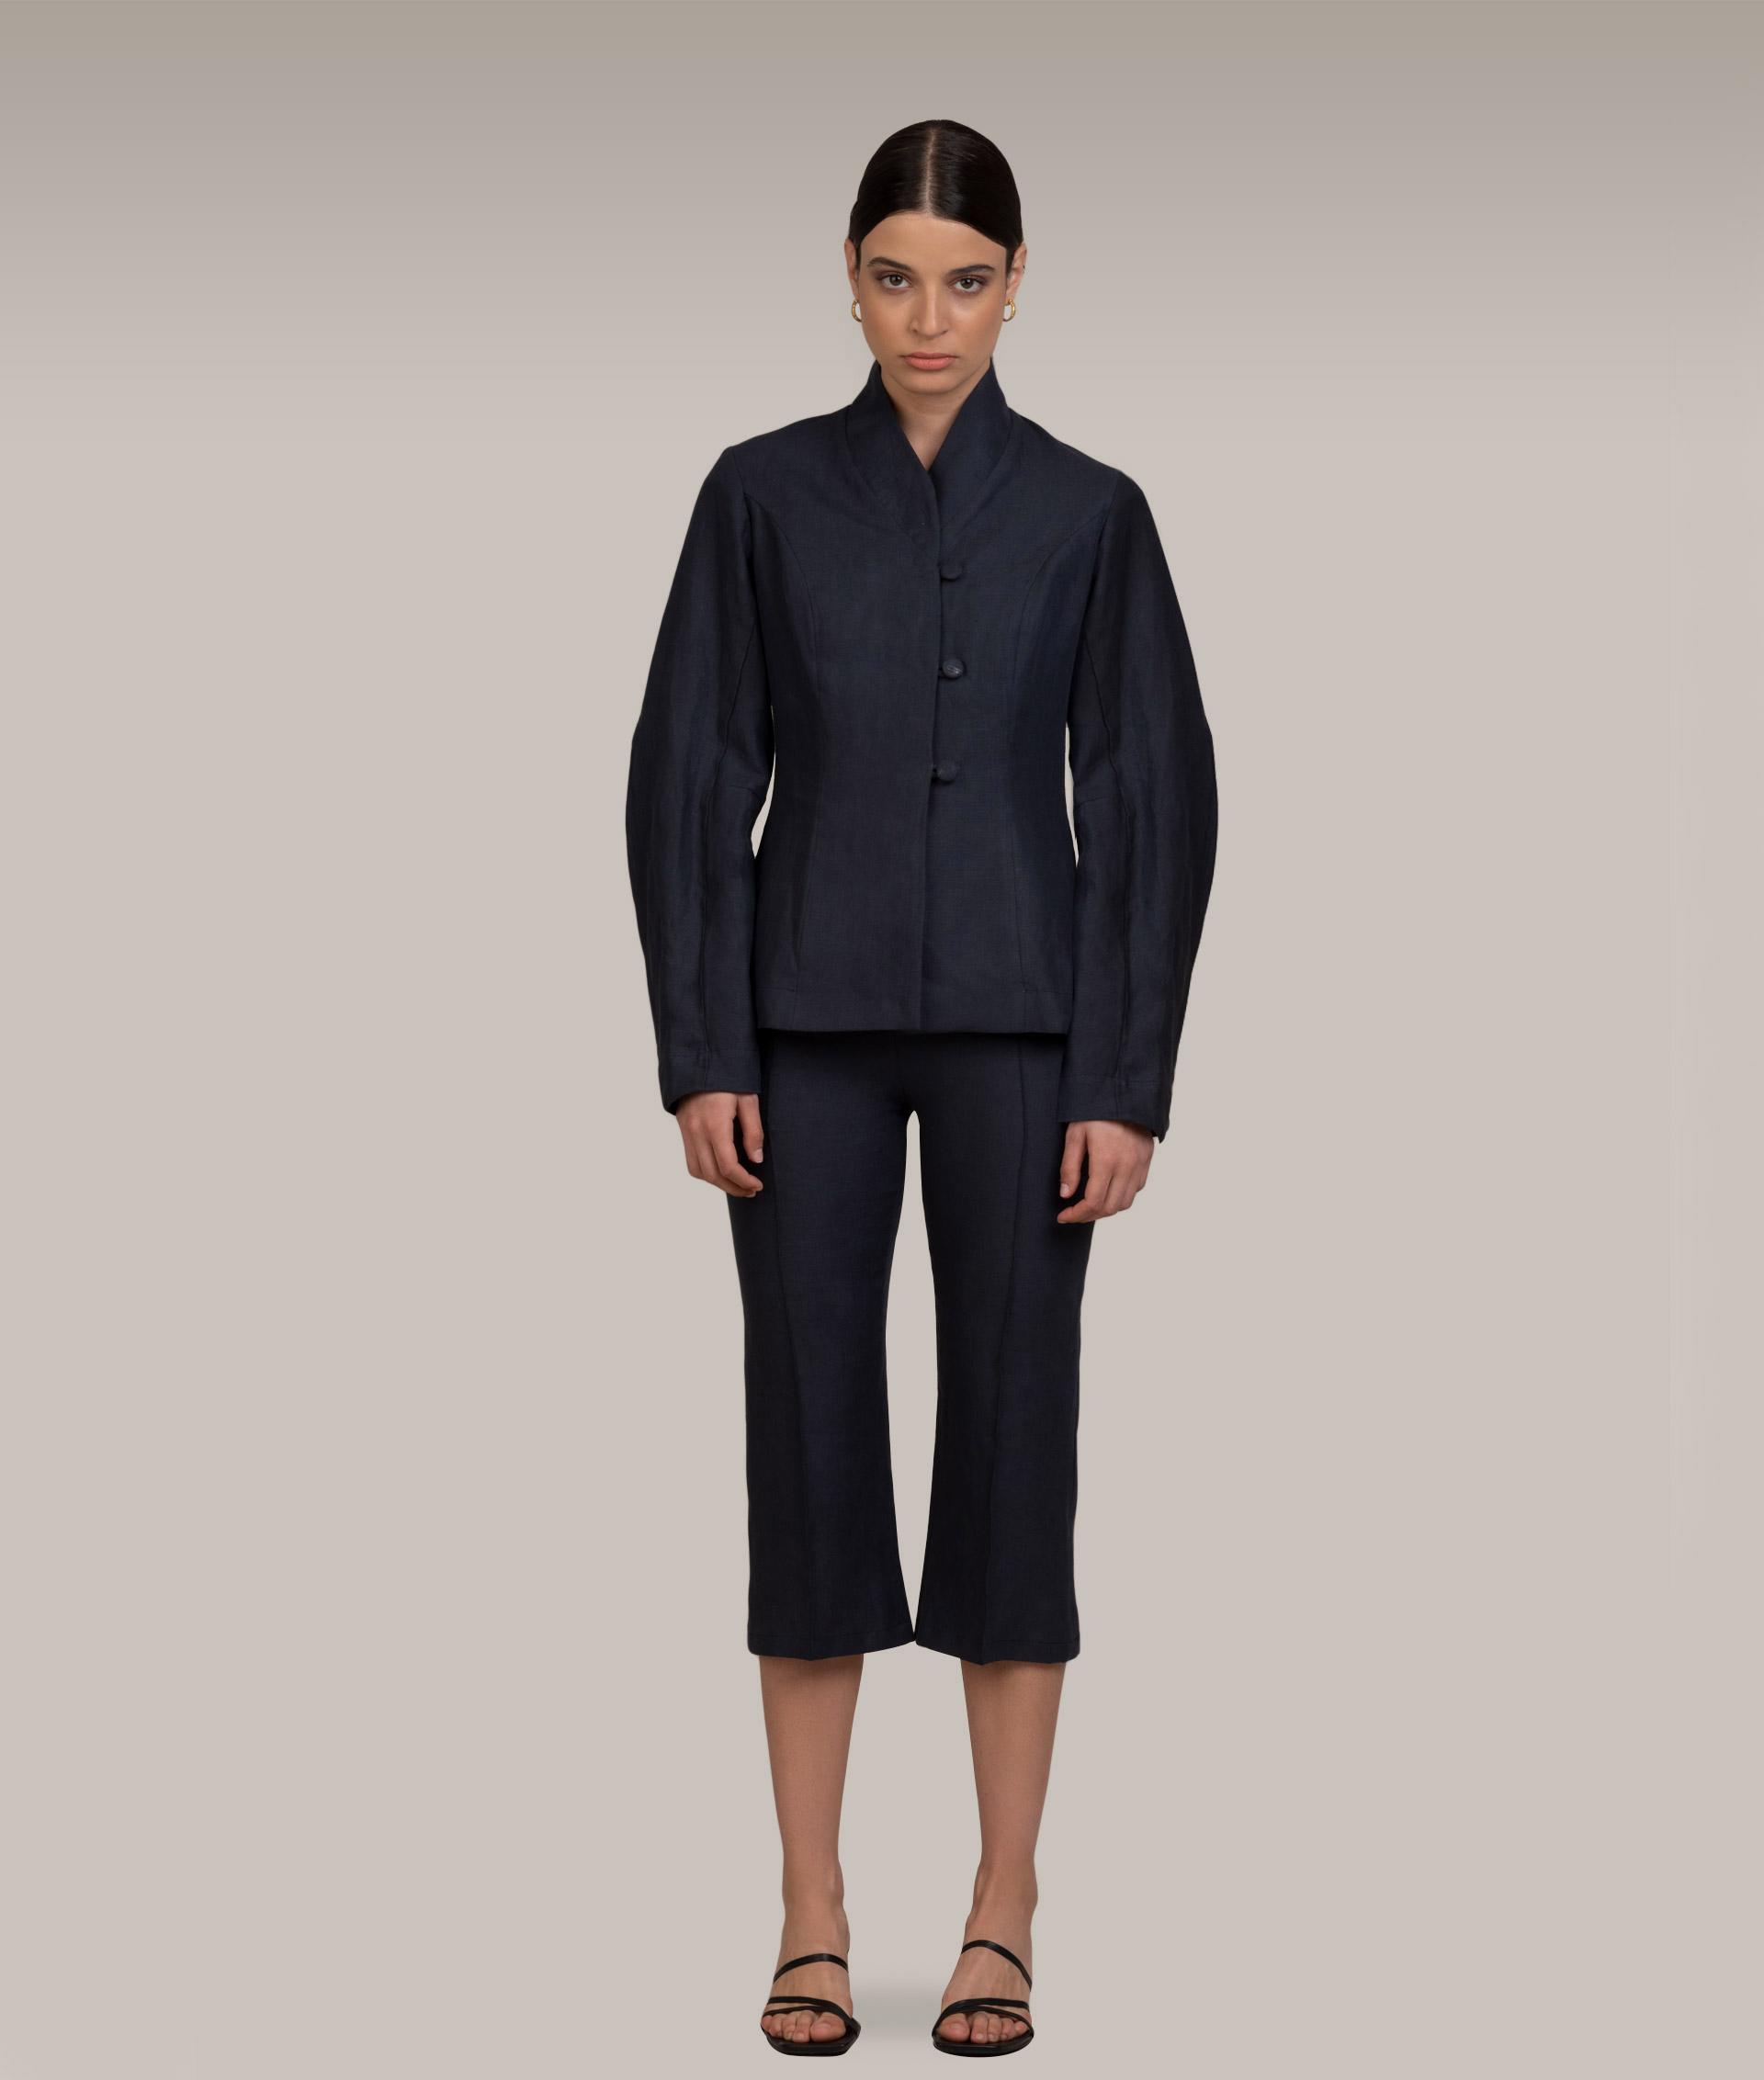 Midnight Blue Linen Jacket